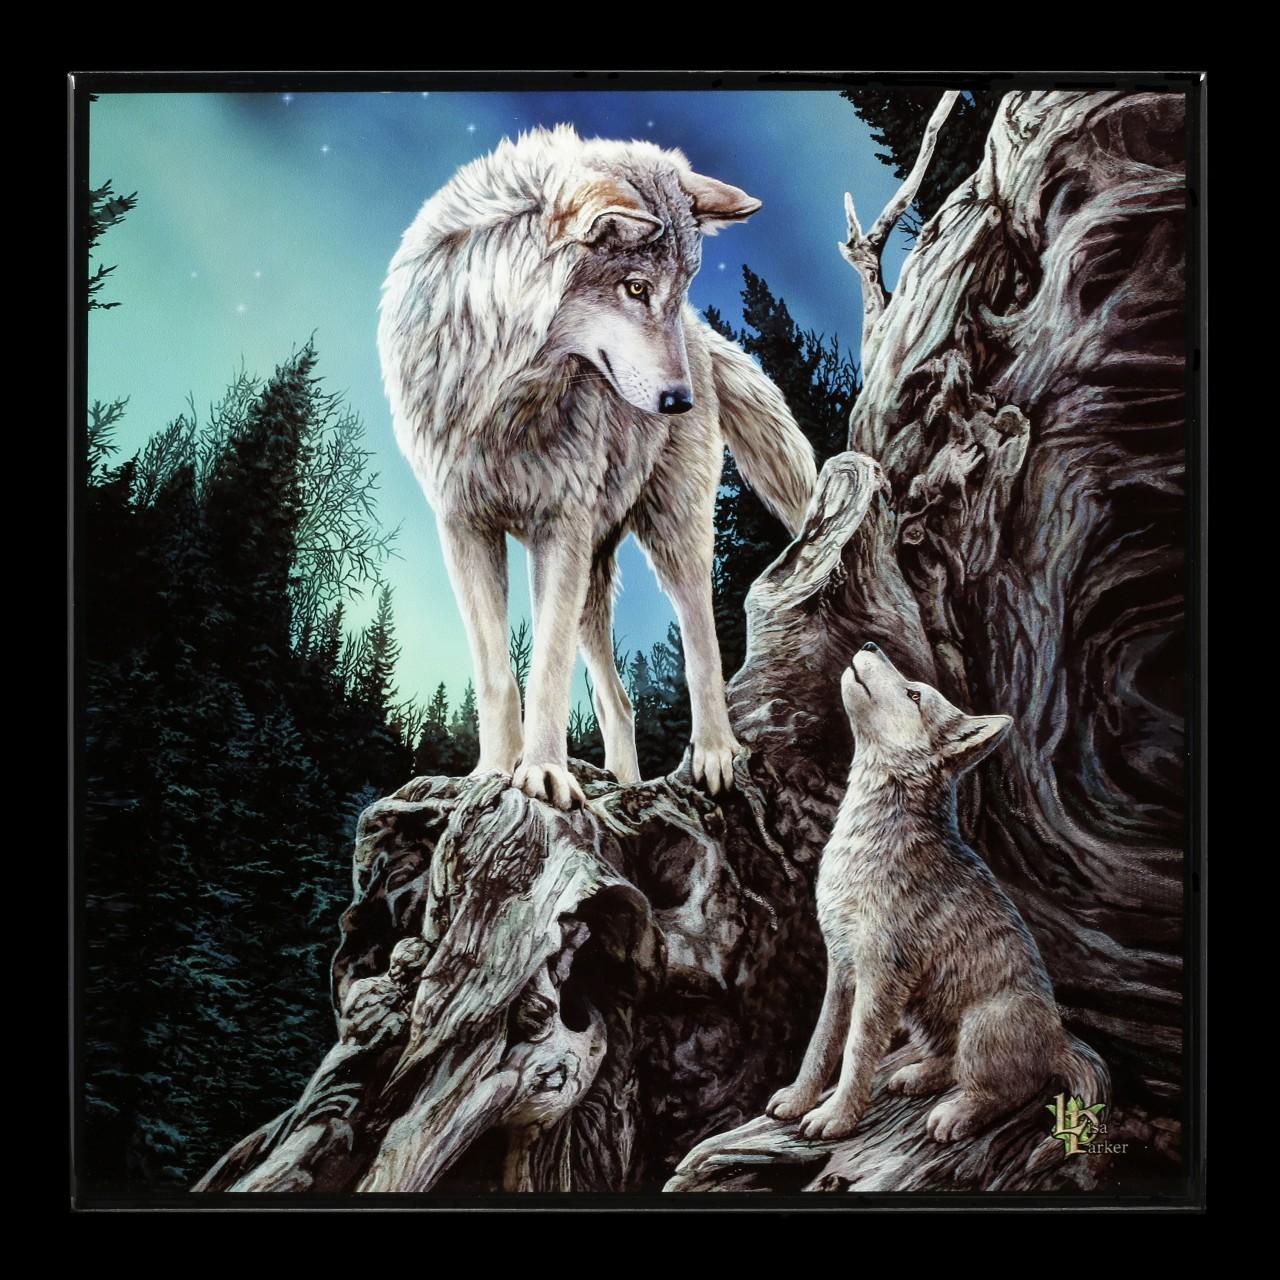 Kleines Hochglanz Bild mit Wölfen - Guidance